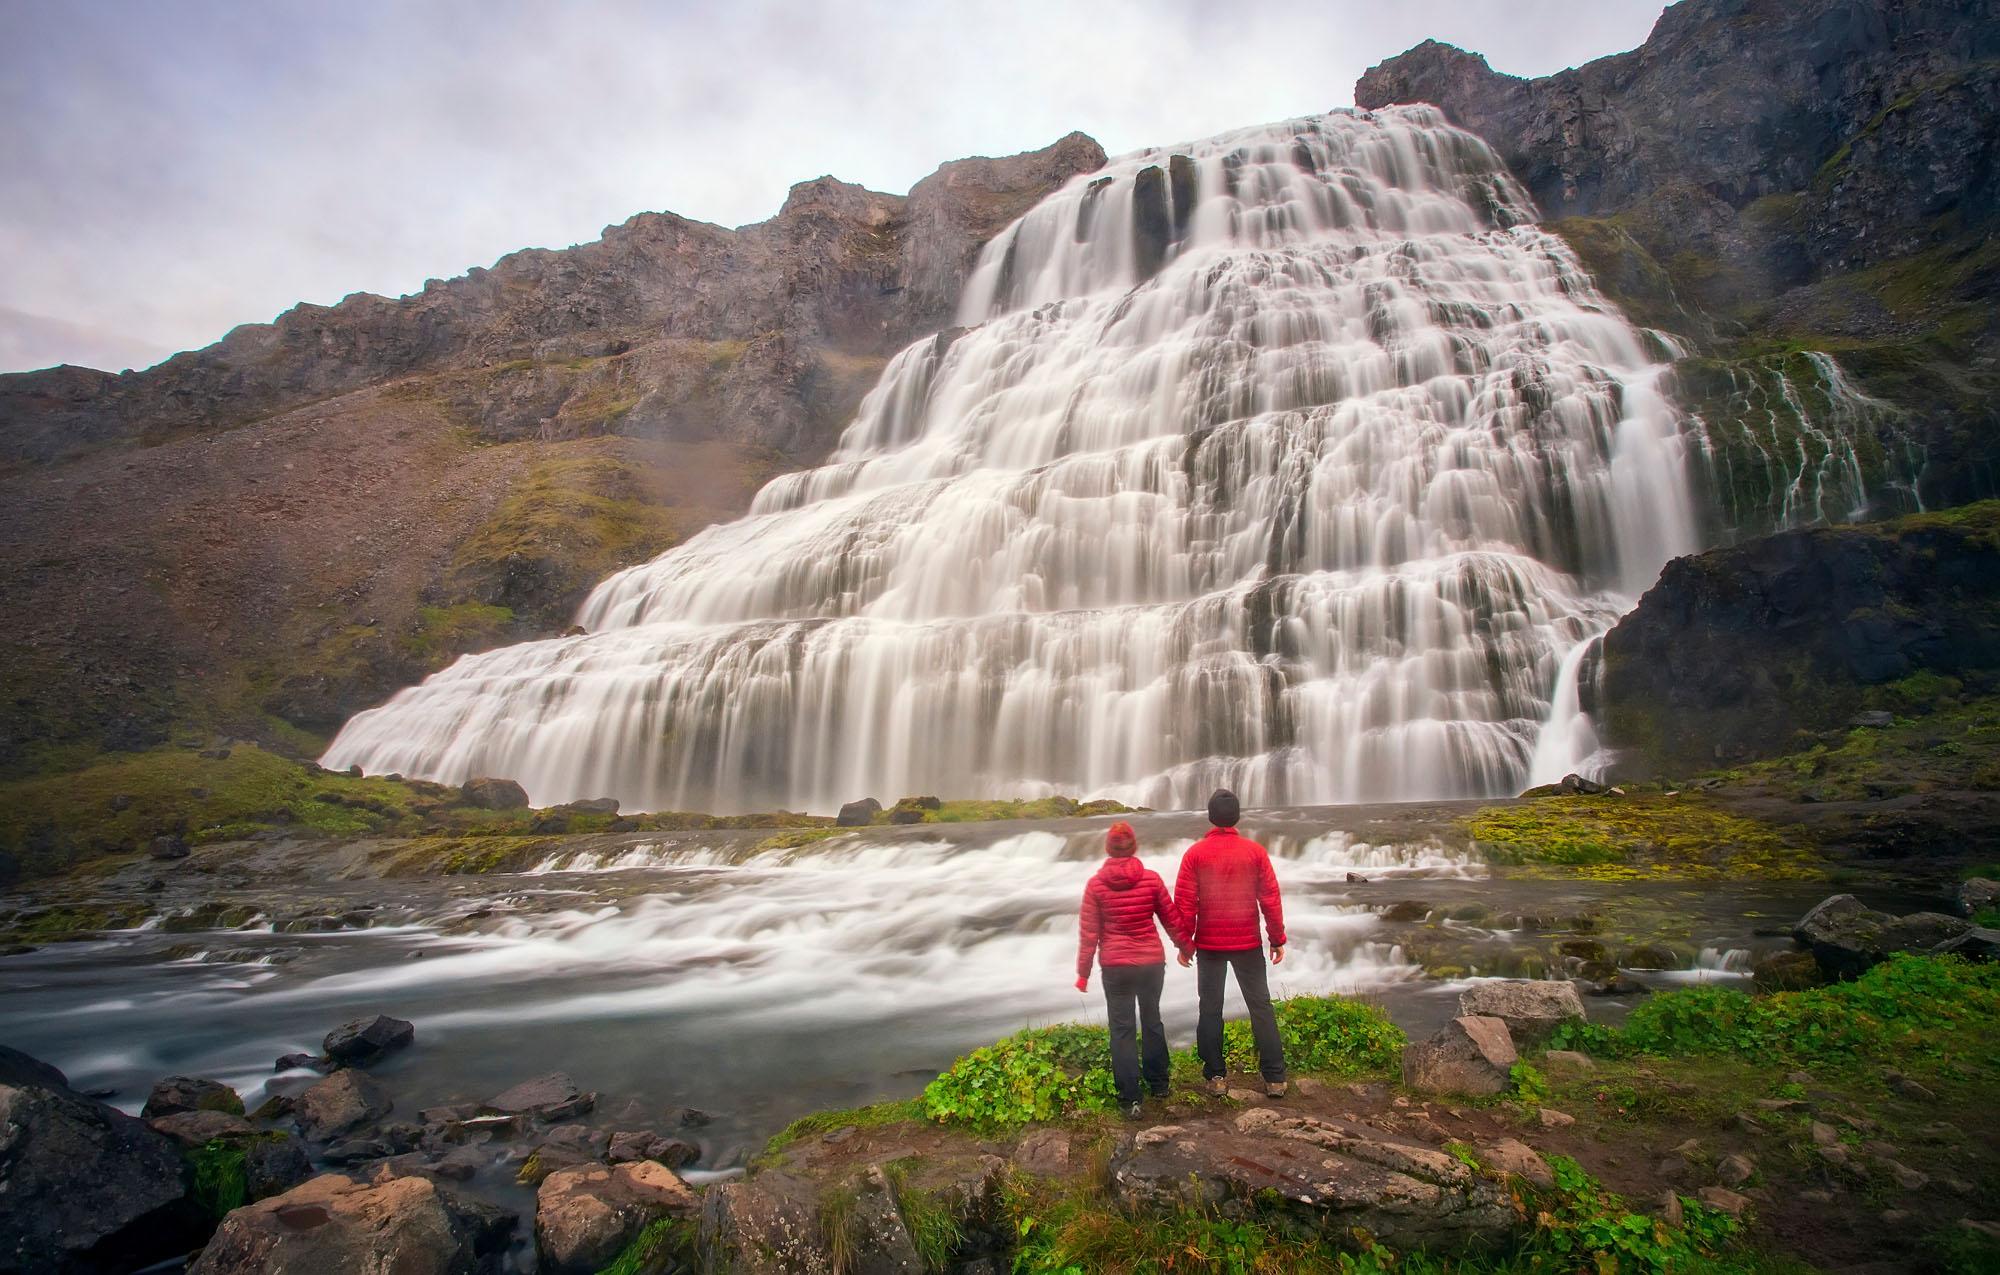 冰岛西峡湾内有雷鸣瀑布之称的丁坚地瀑布(Dynjandi)因为有梯形的外形,因此经常被比作新娘礼服。